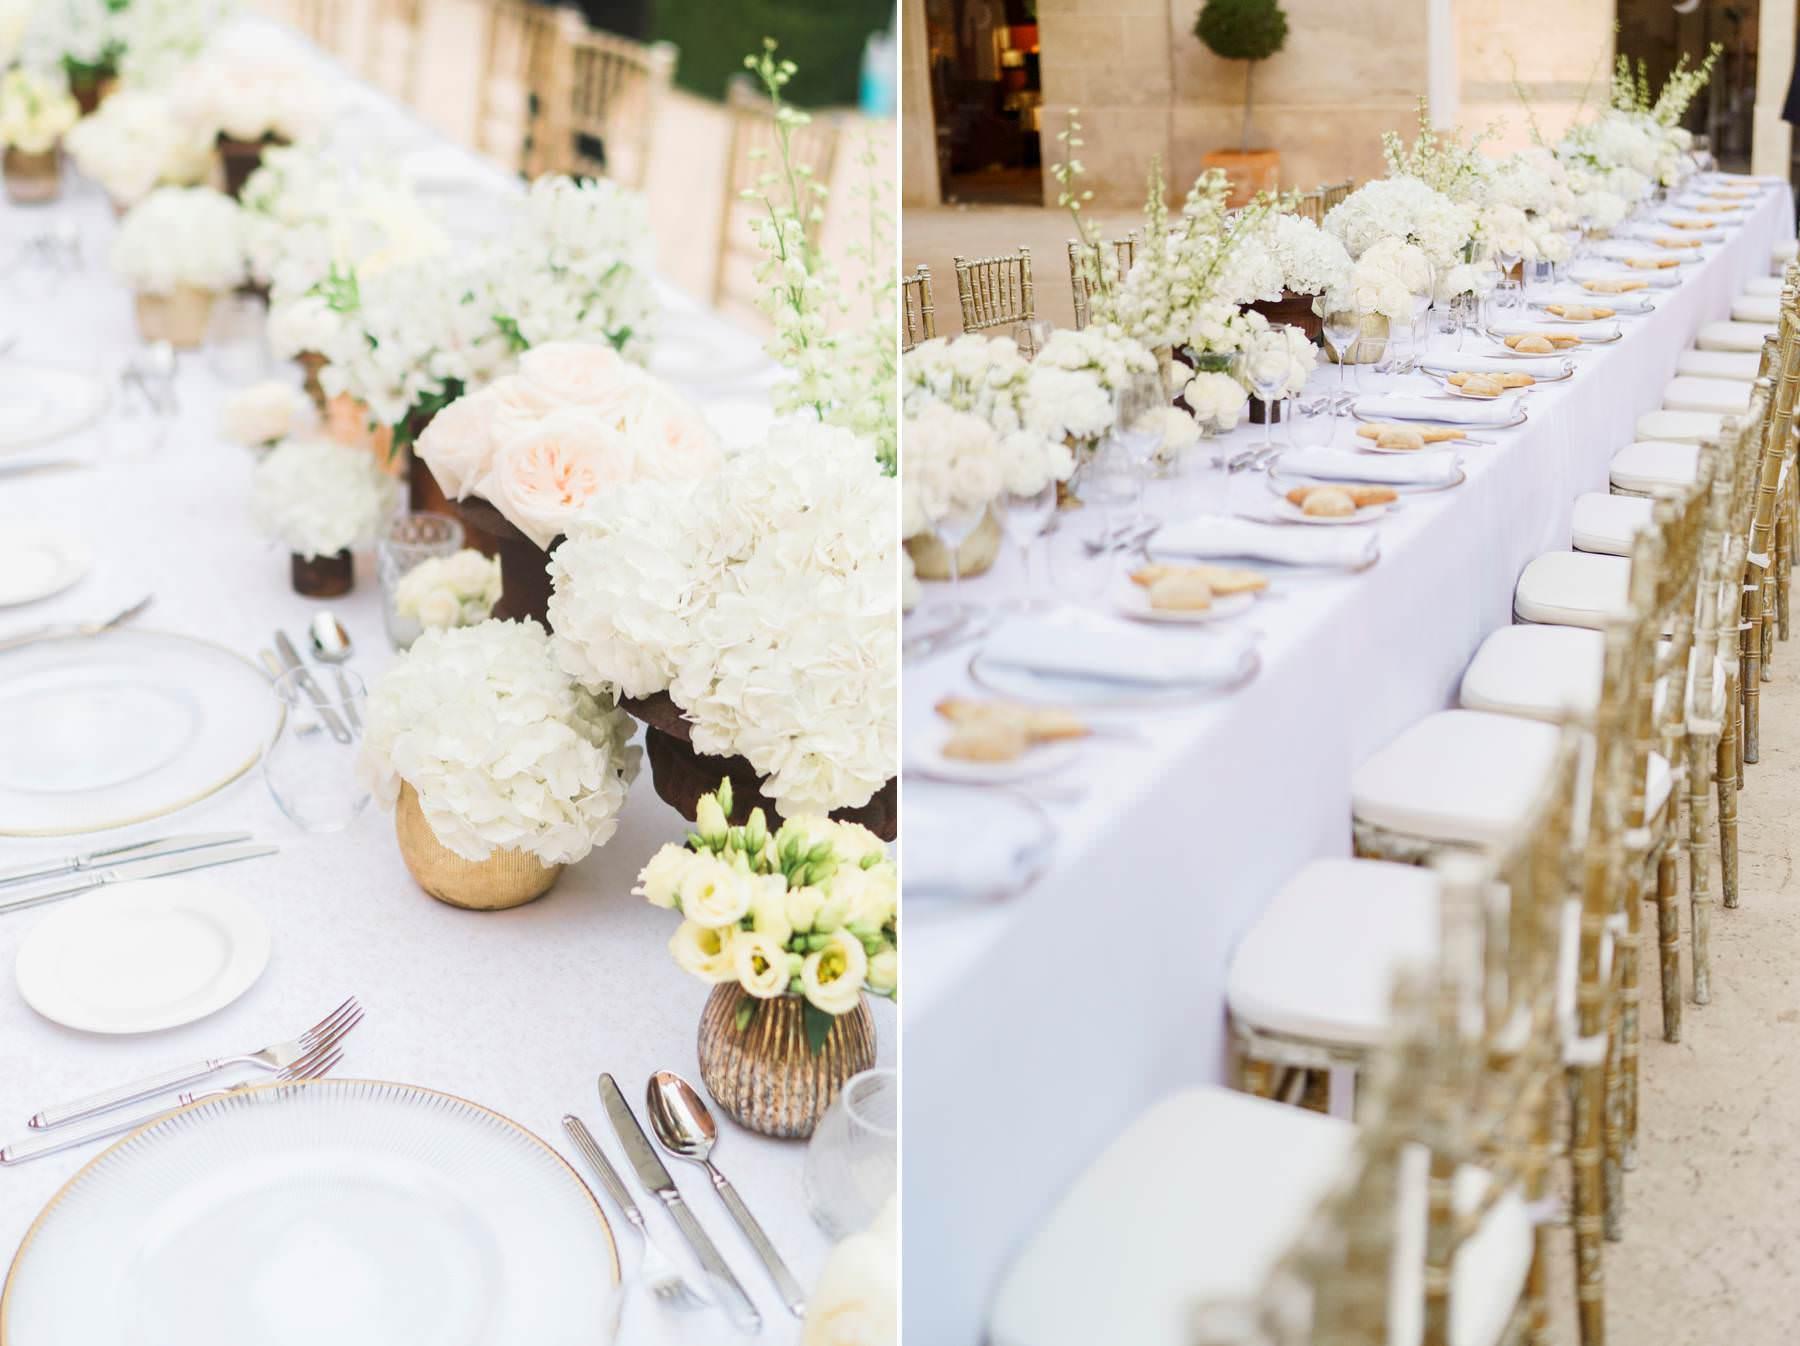 0121 cap rocat wedding